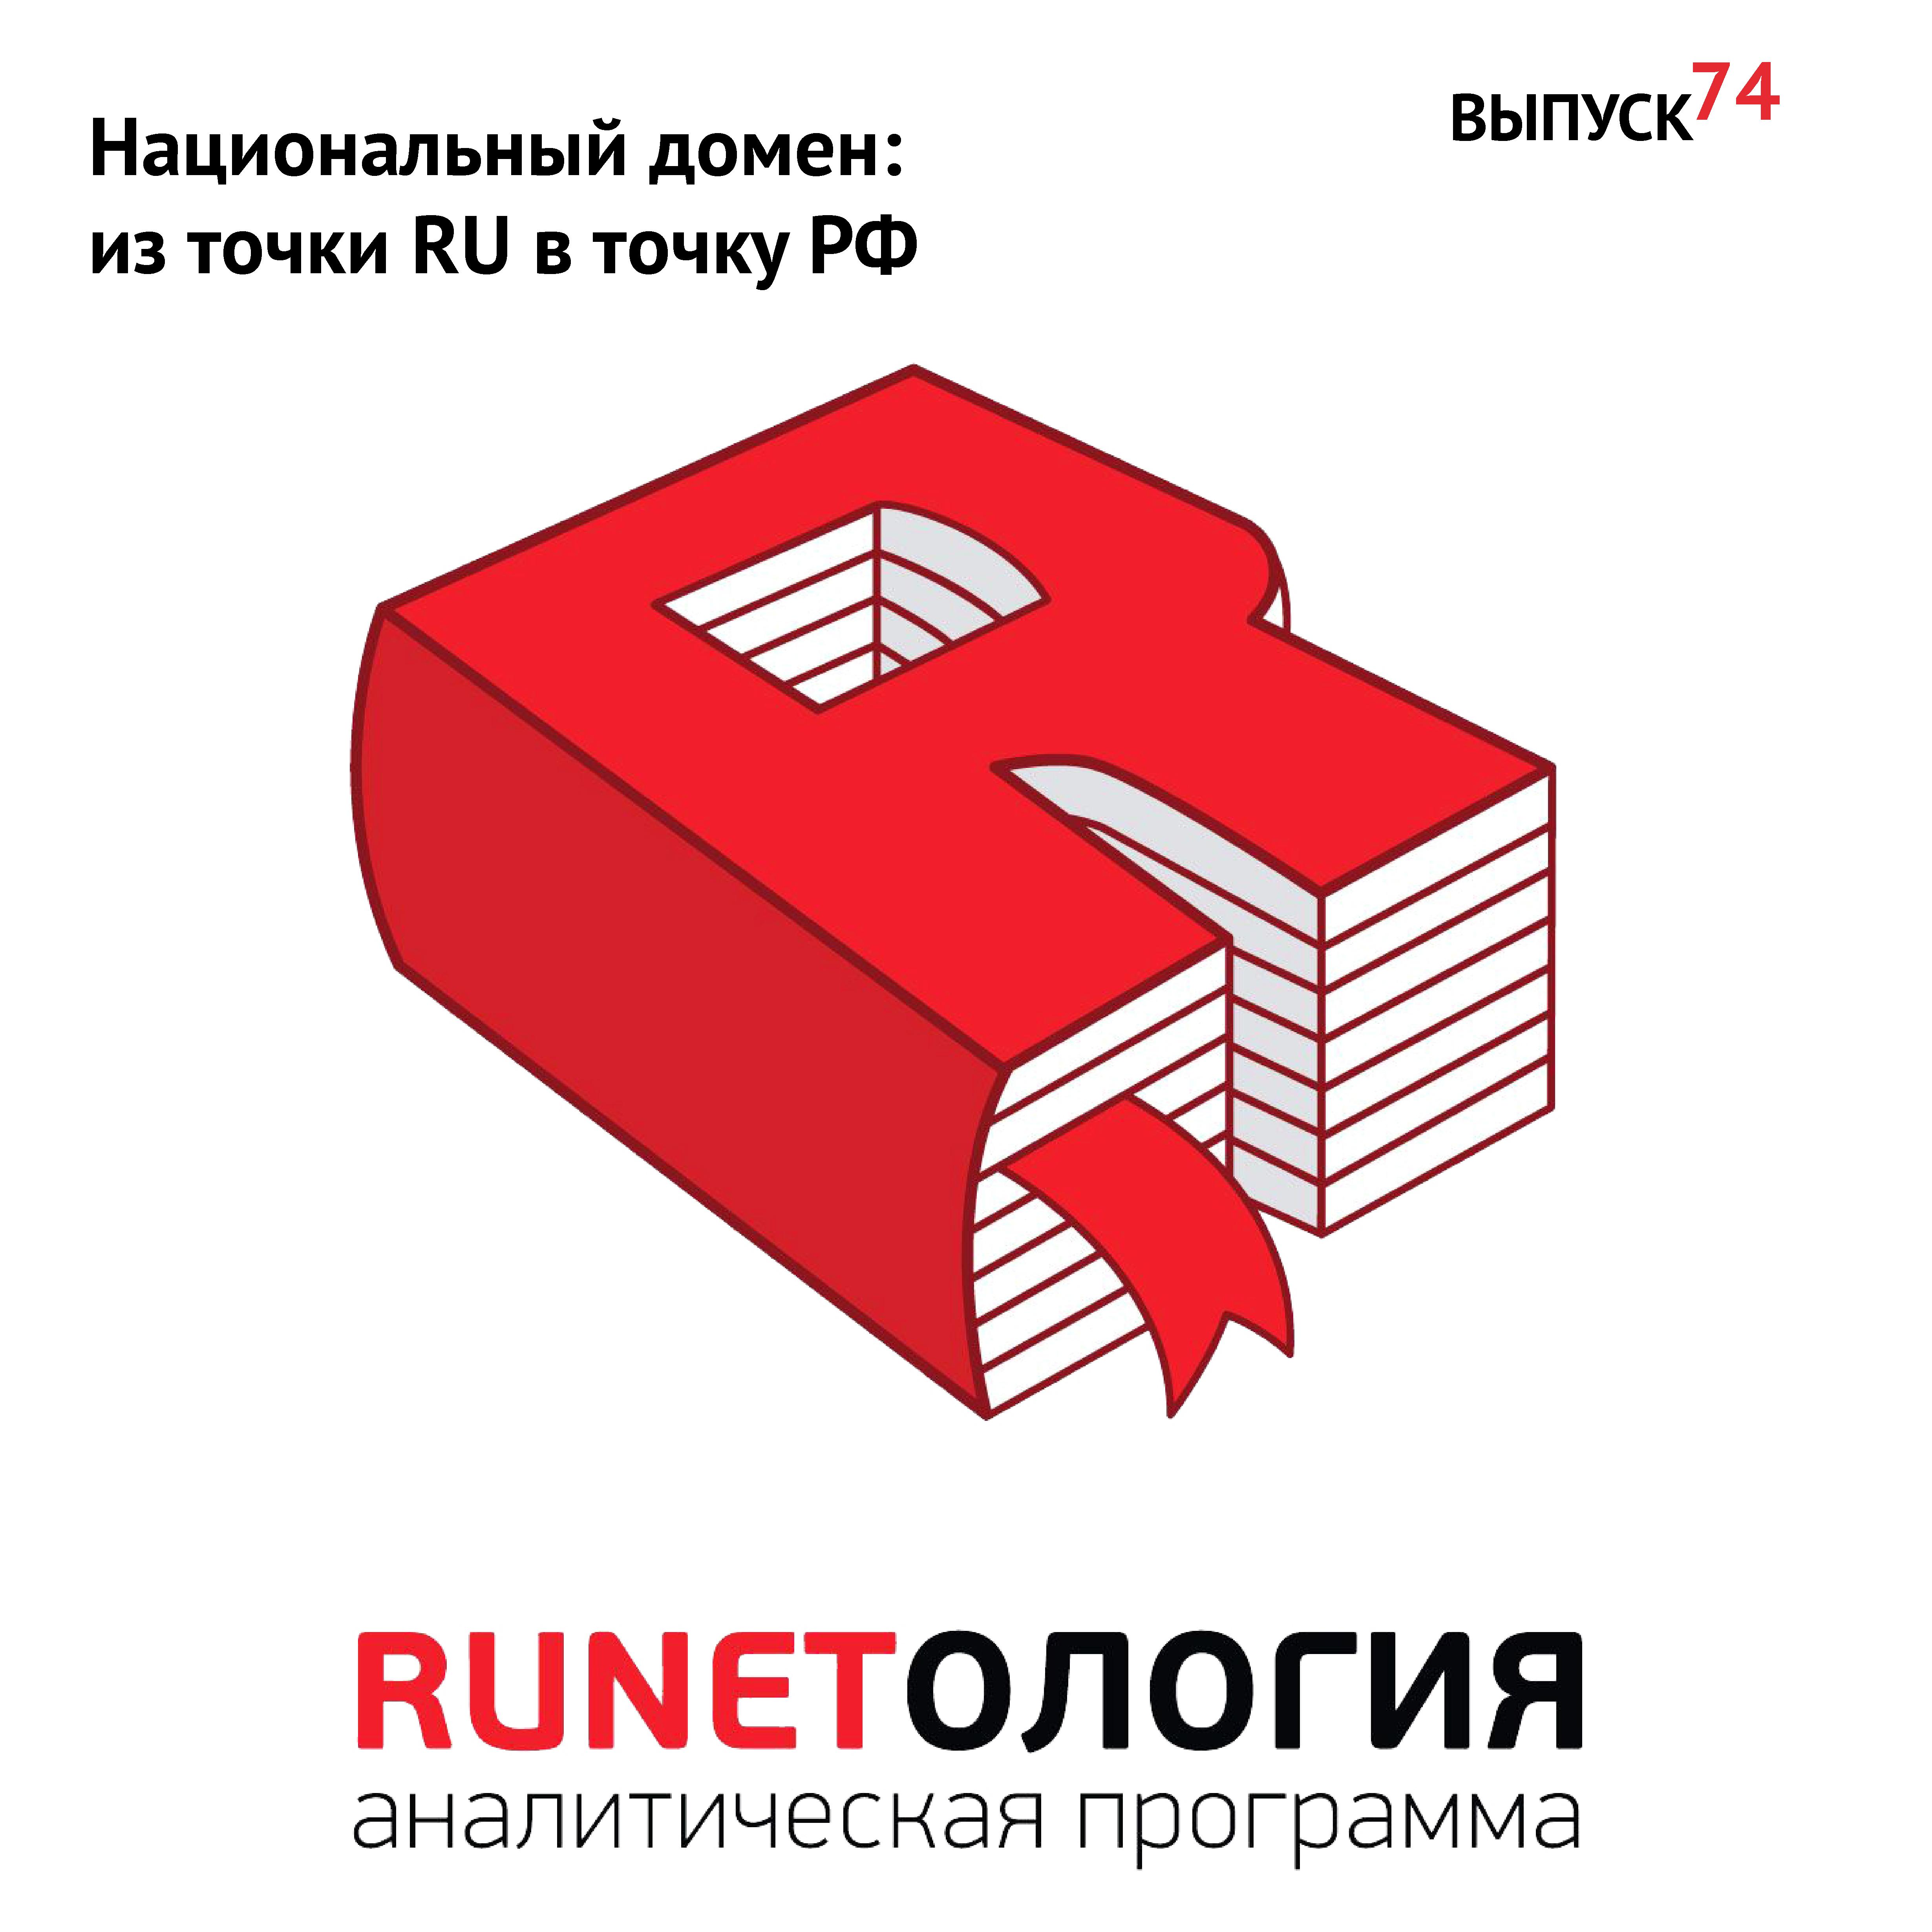 Национальный домен: из точки RU в точку РФ